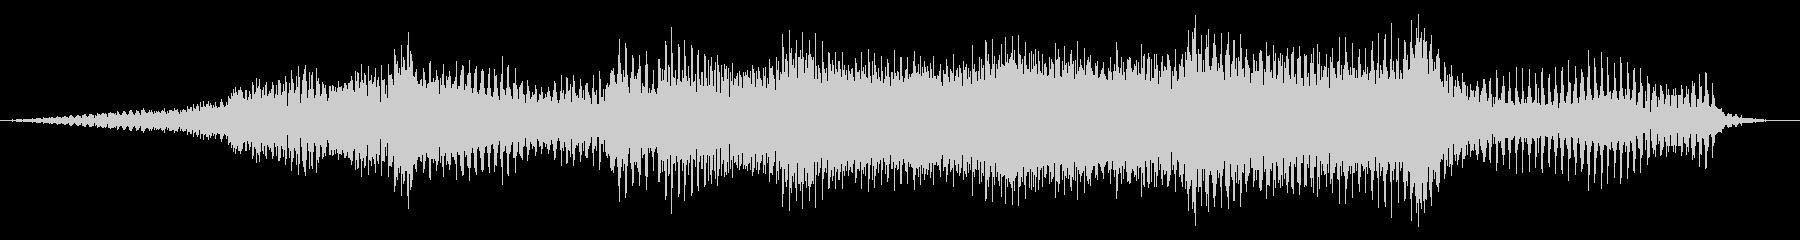 【ダーク】嫌な空気_ハイストリングスの未再生の波形